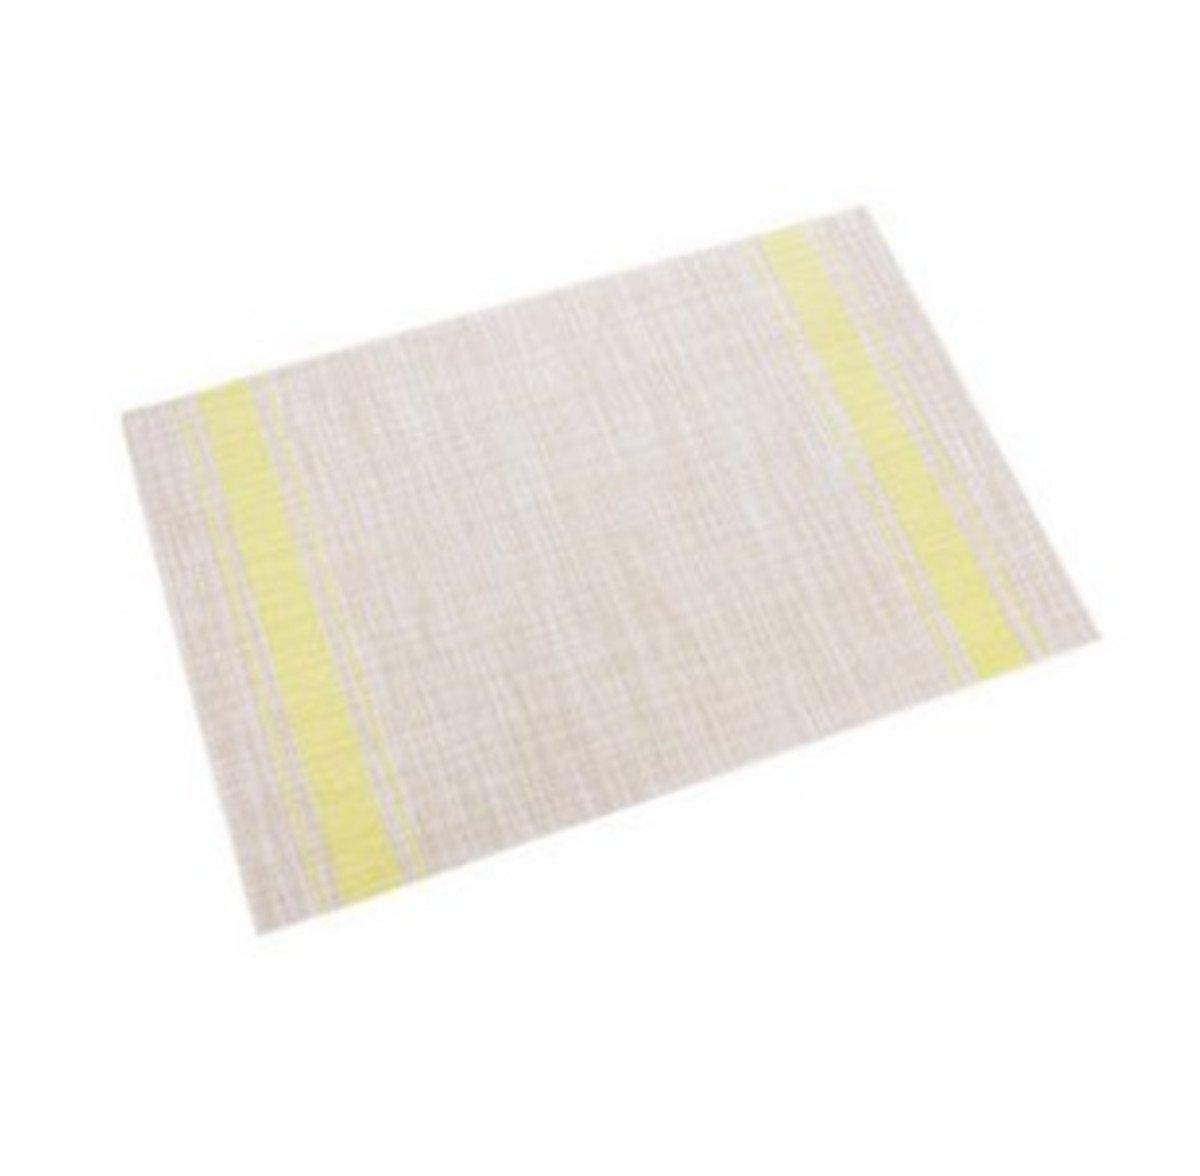 ttgooo PVCプレイスマットキッチンダイニングテーブルマット洗濯可能ヨーロピアンスタイルのセット4  グラスグリーン B075CS6J45